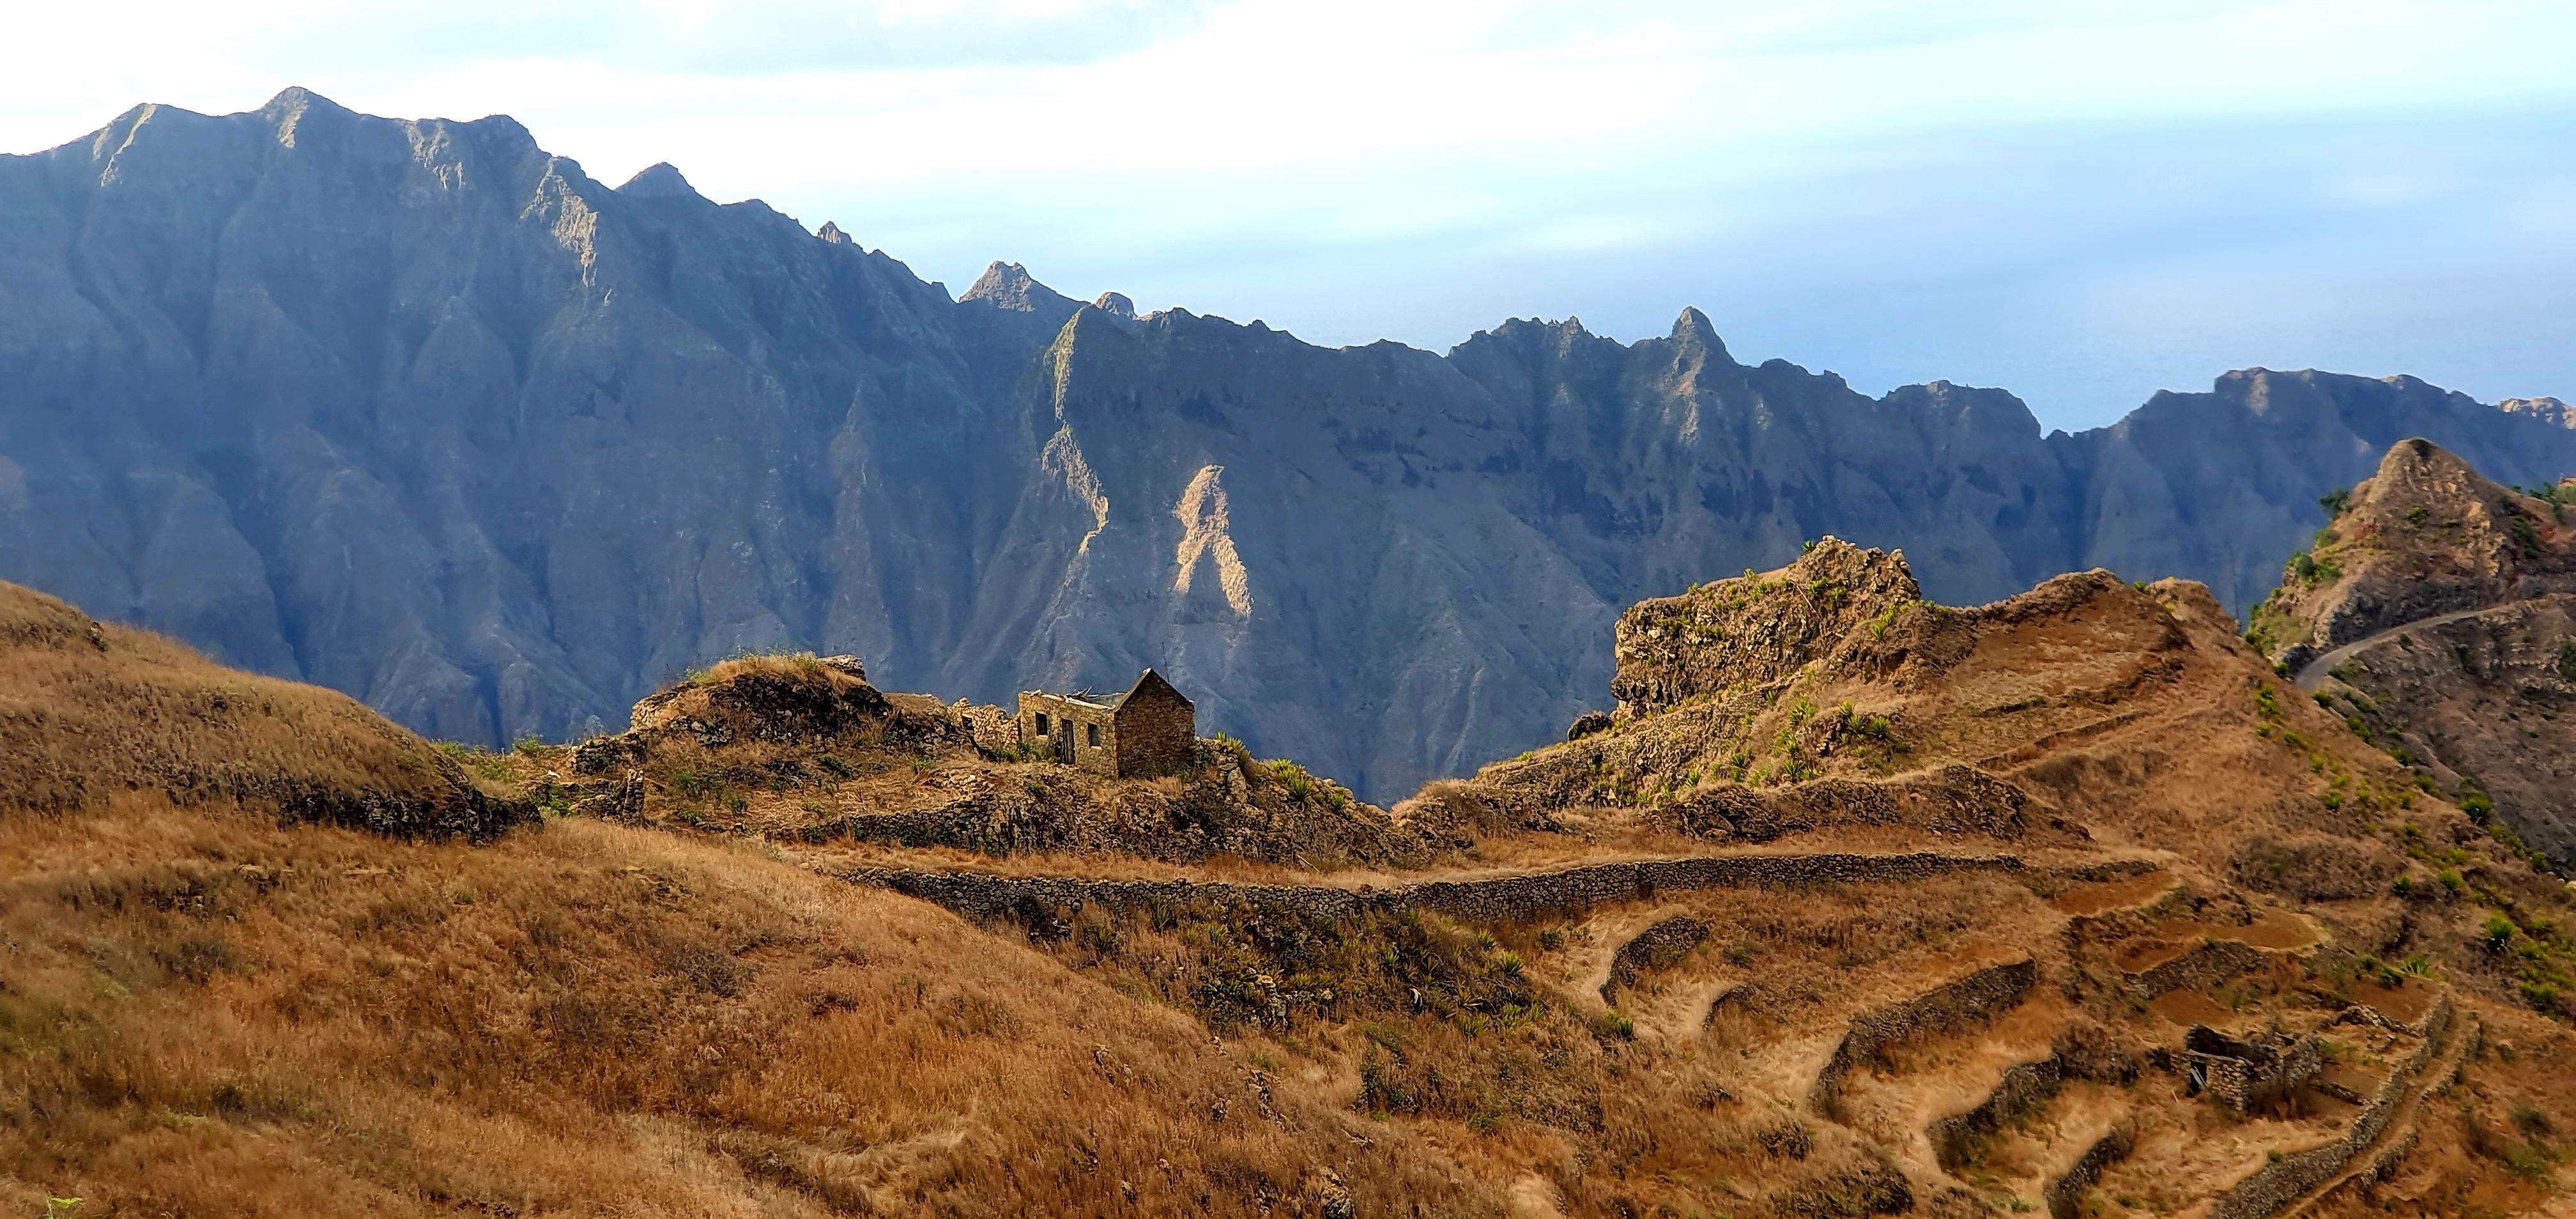 Wyspy Zielonego Przylądka: słoneczny trekking na Santo Antão. fot. © Roman Stanek, Barents.pl